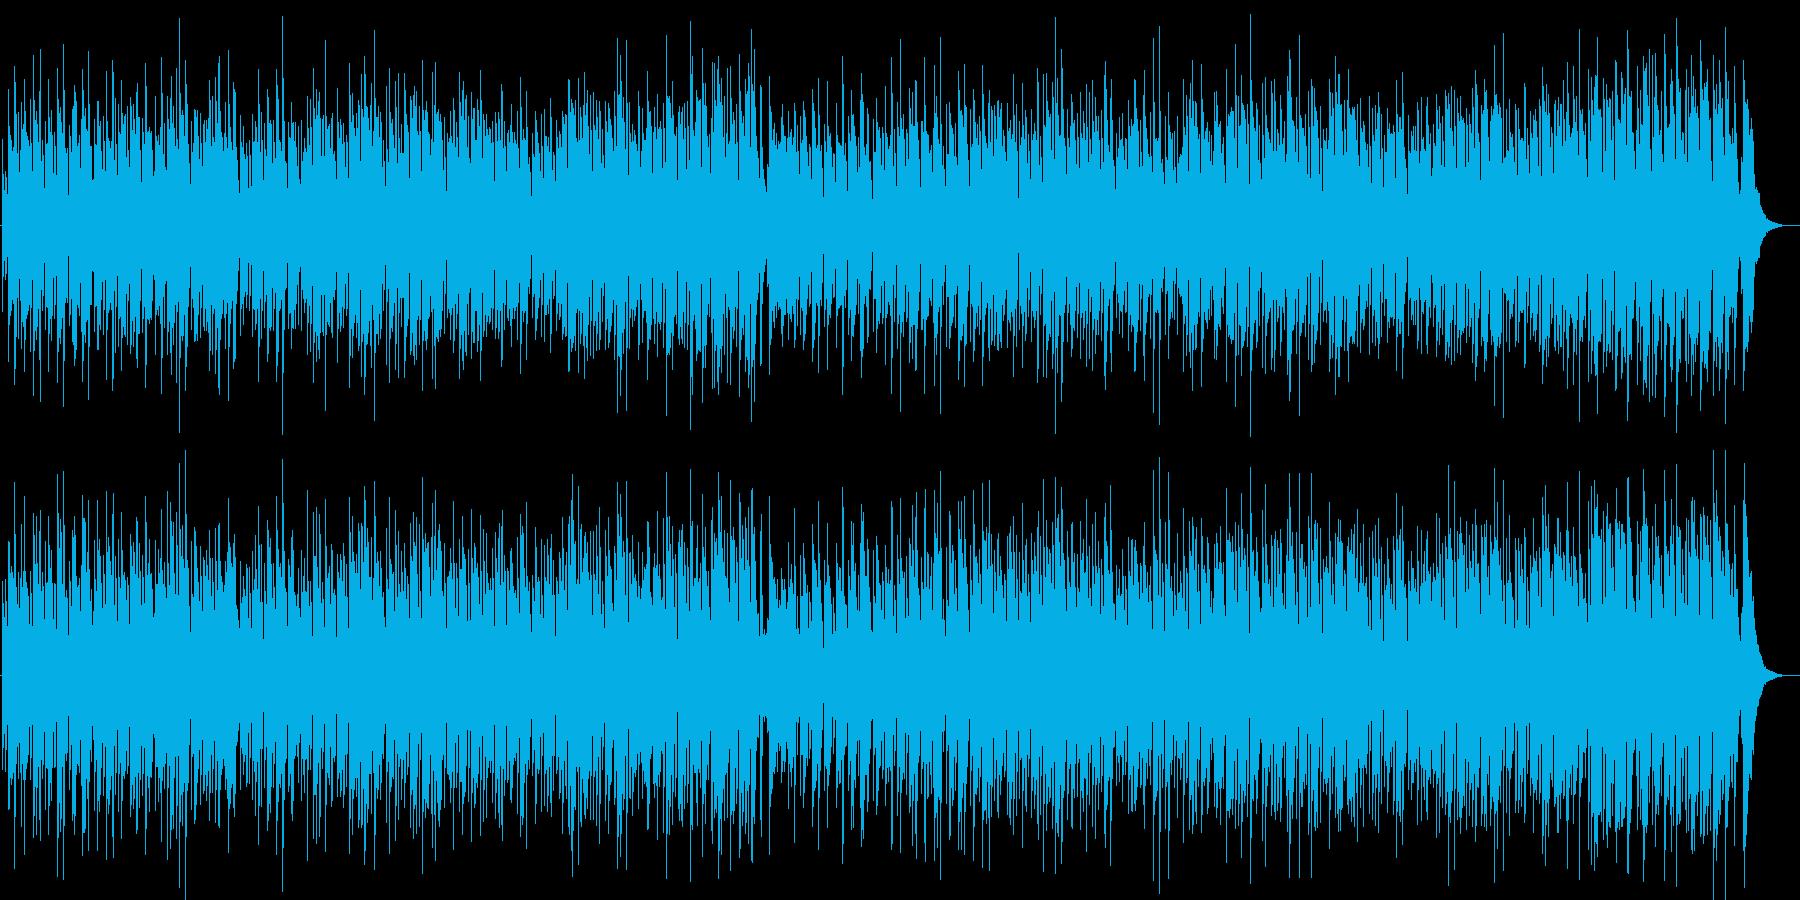 お洒落でしっとりしたピアノメロディーの再生済みの波形